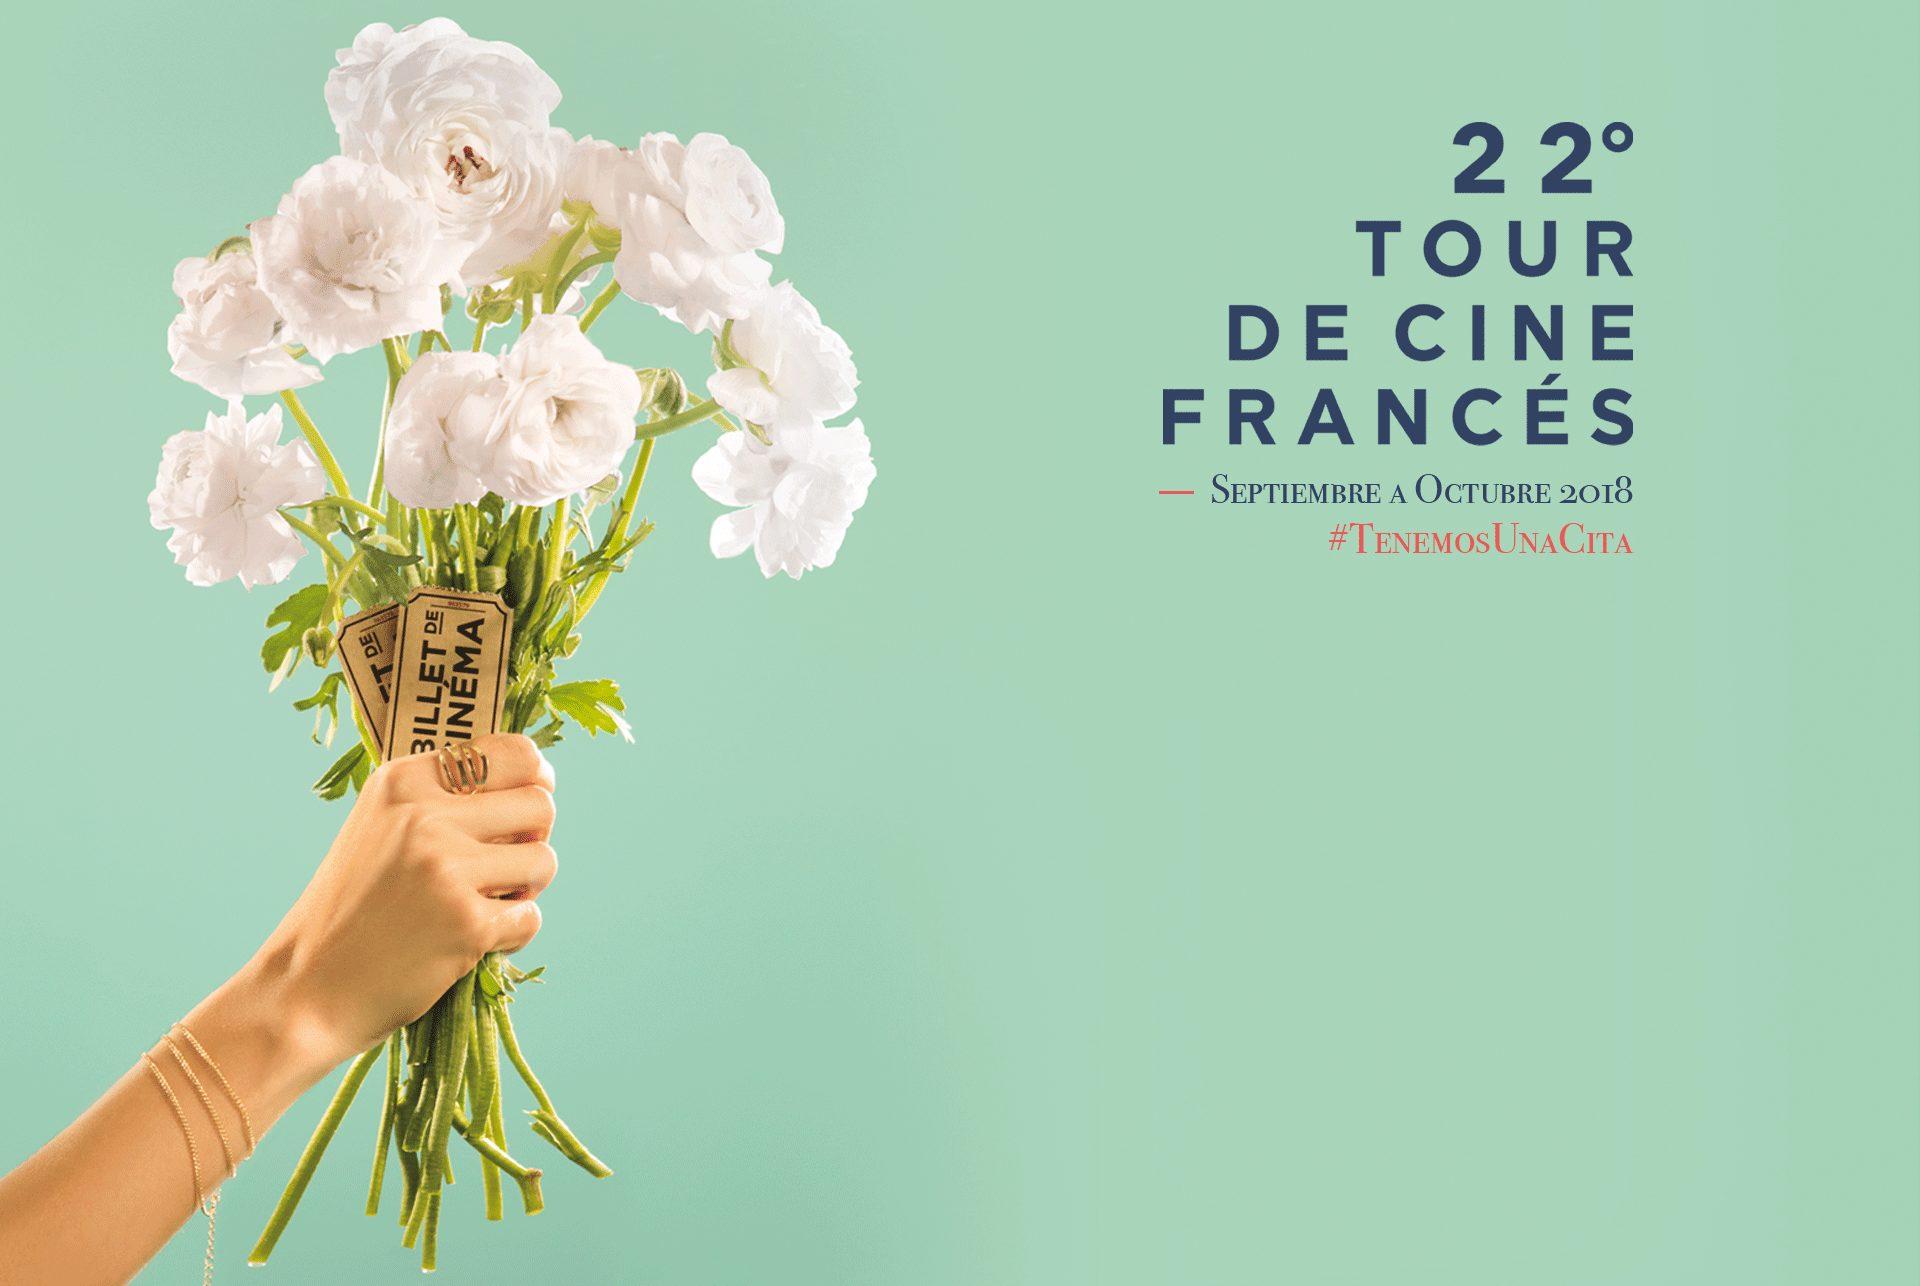 22 tour de cine Francés